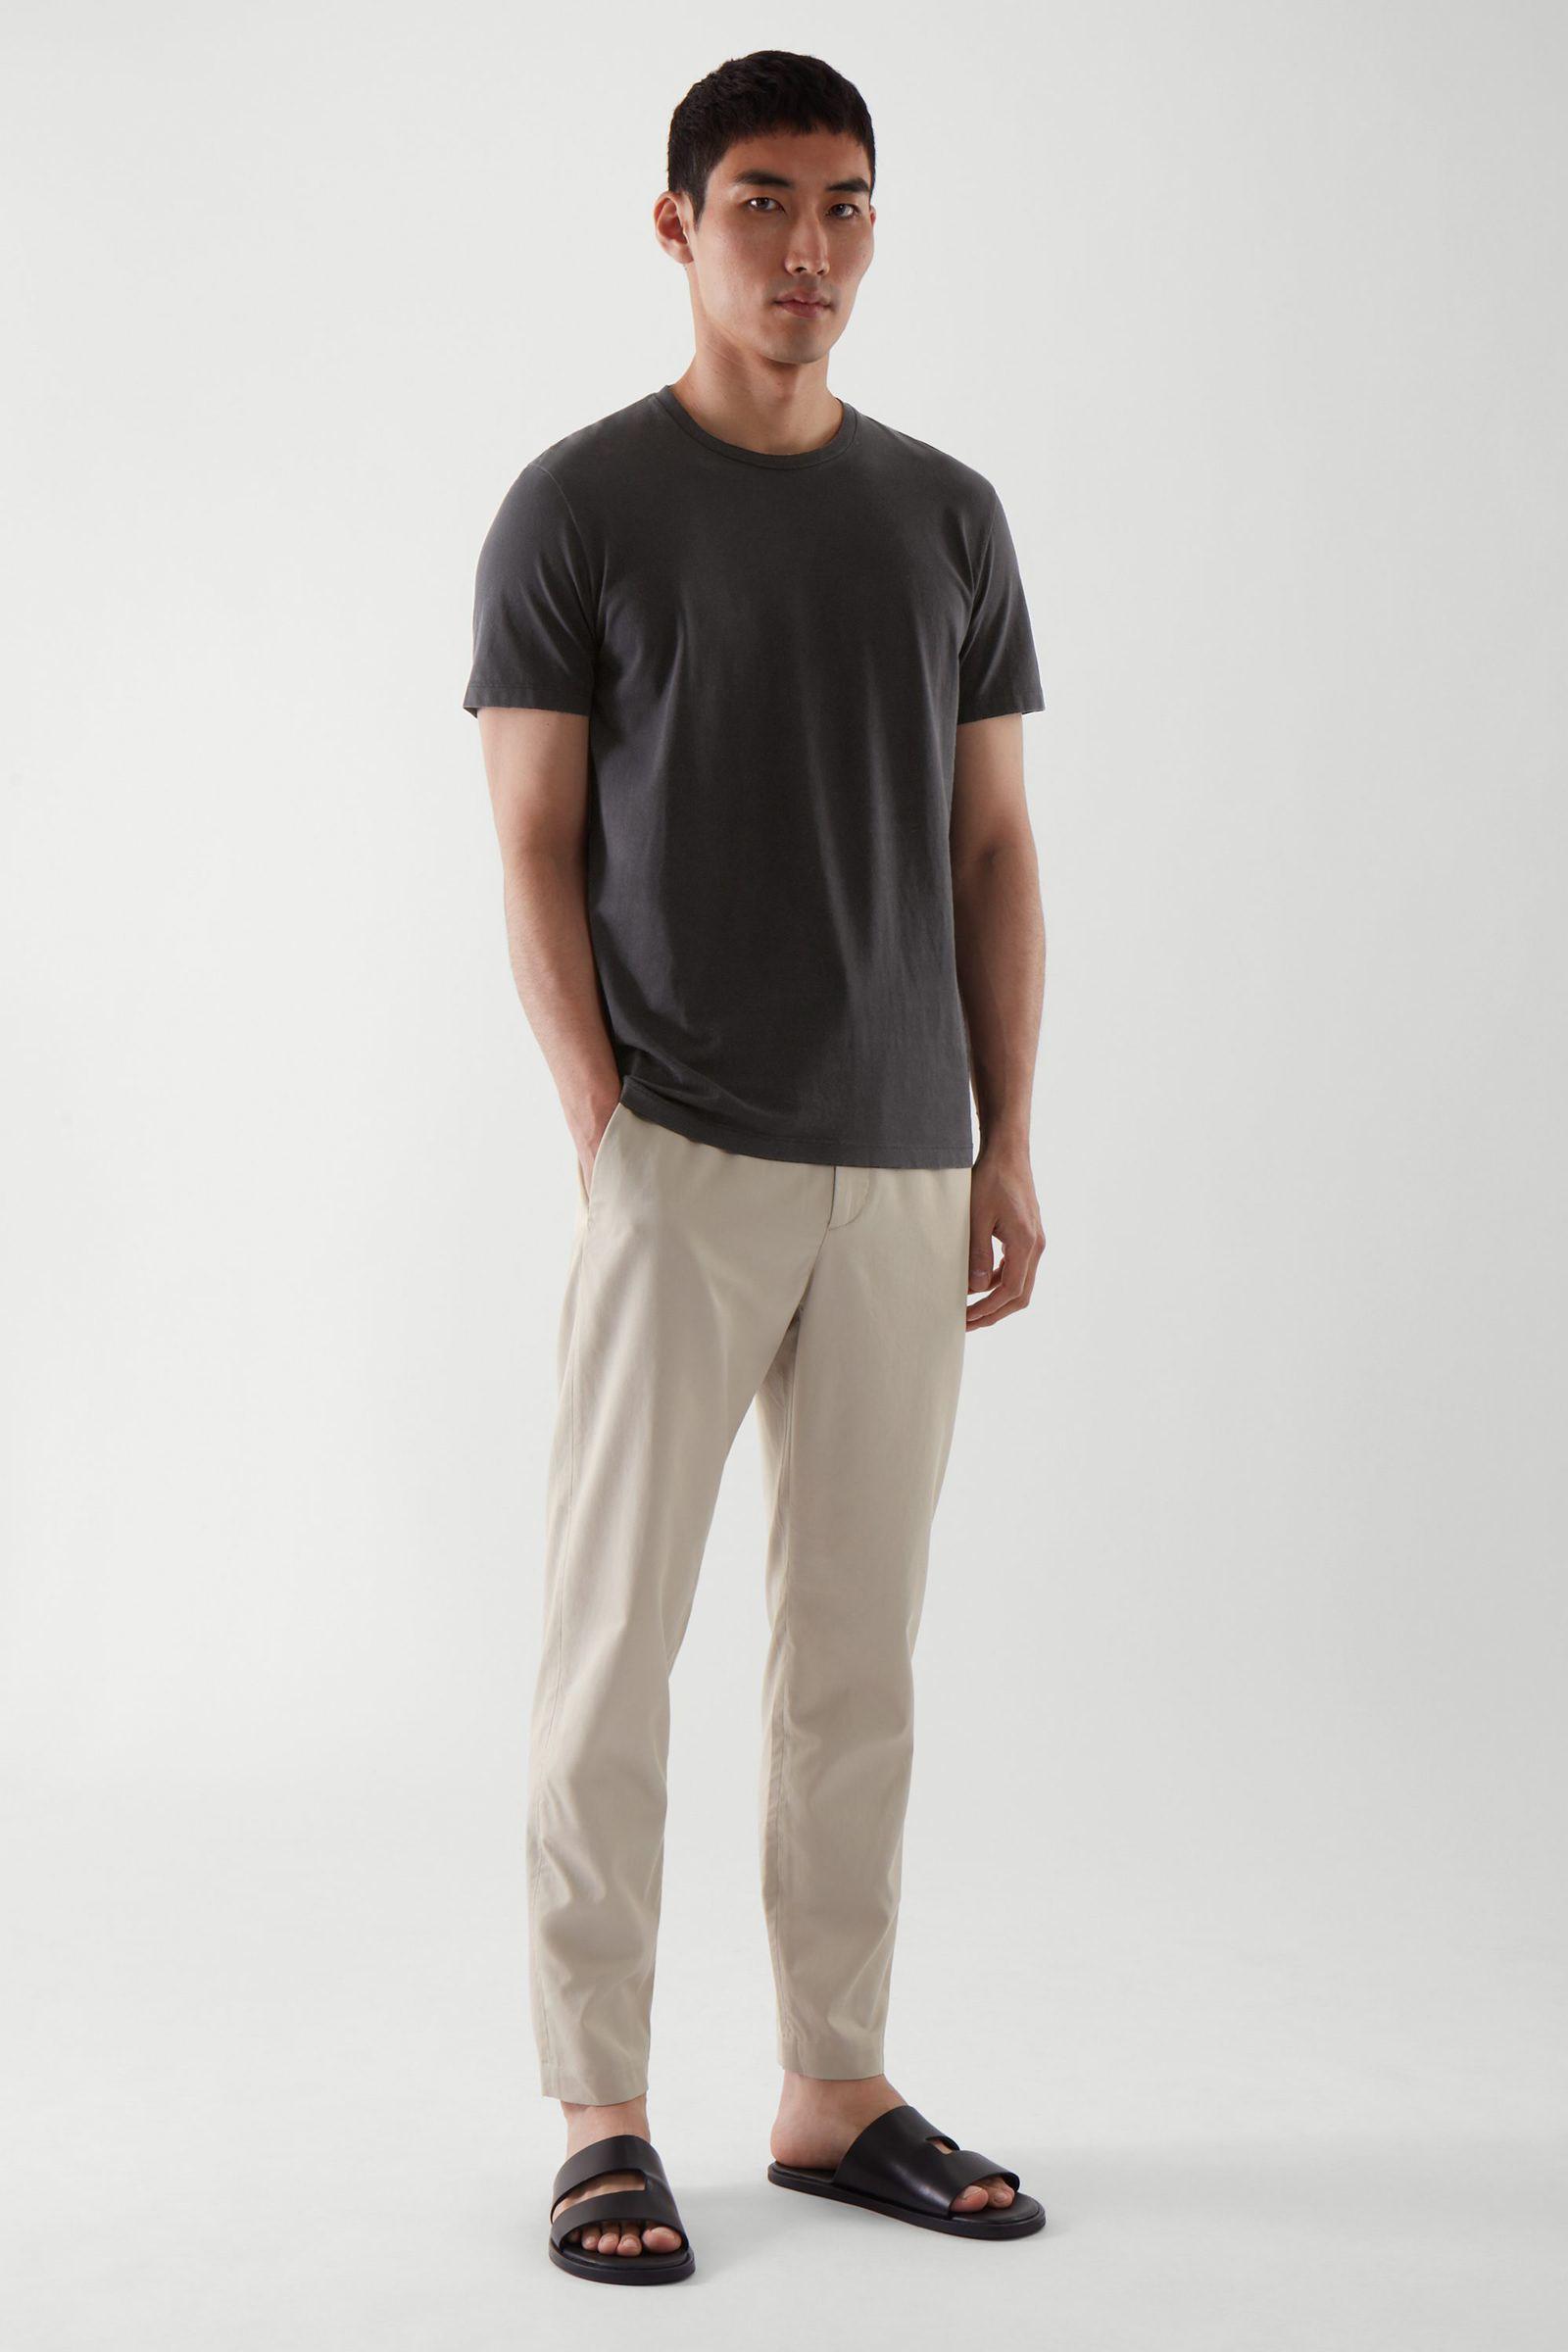 COS 라운드 넥 티셔츠의 블랙컬러 ECOMLook입니다.